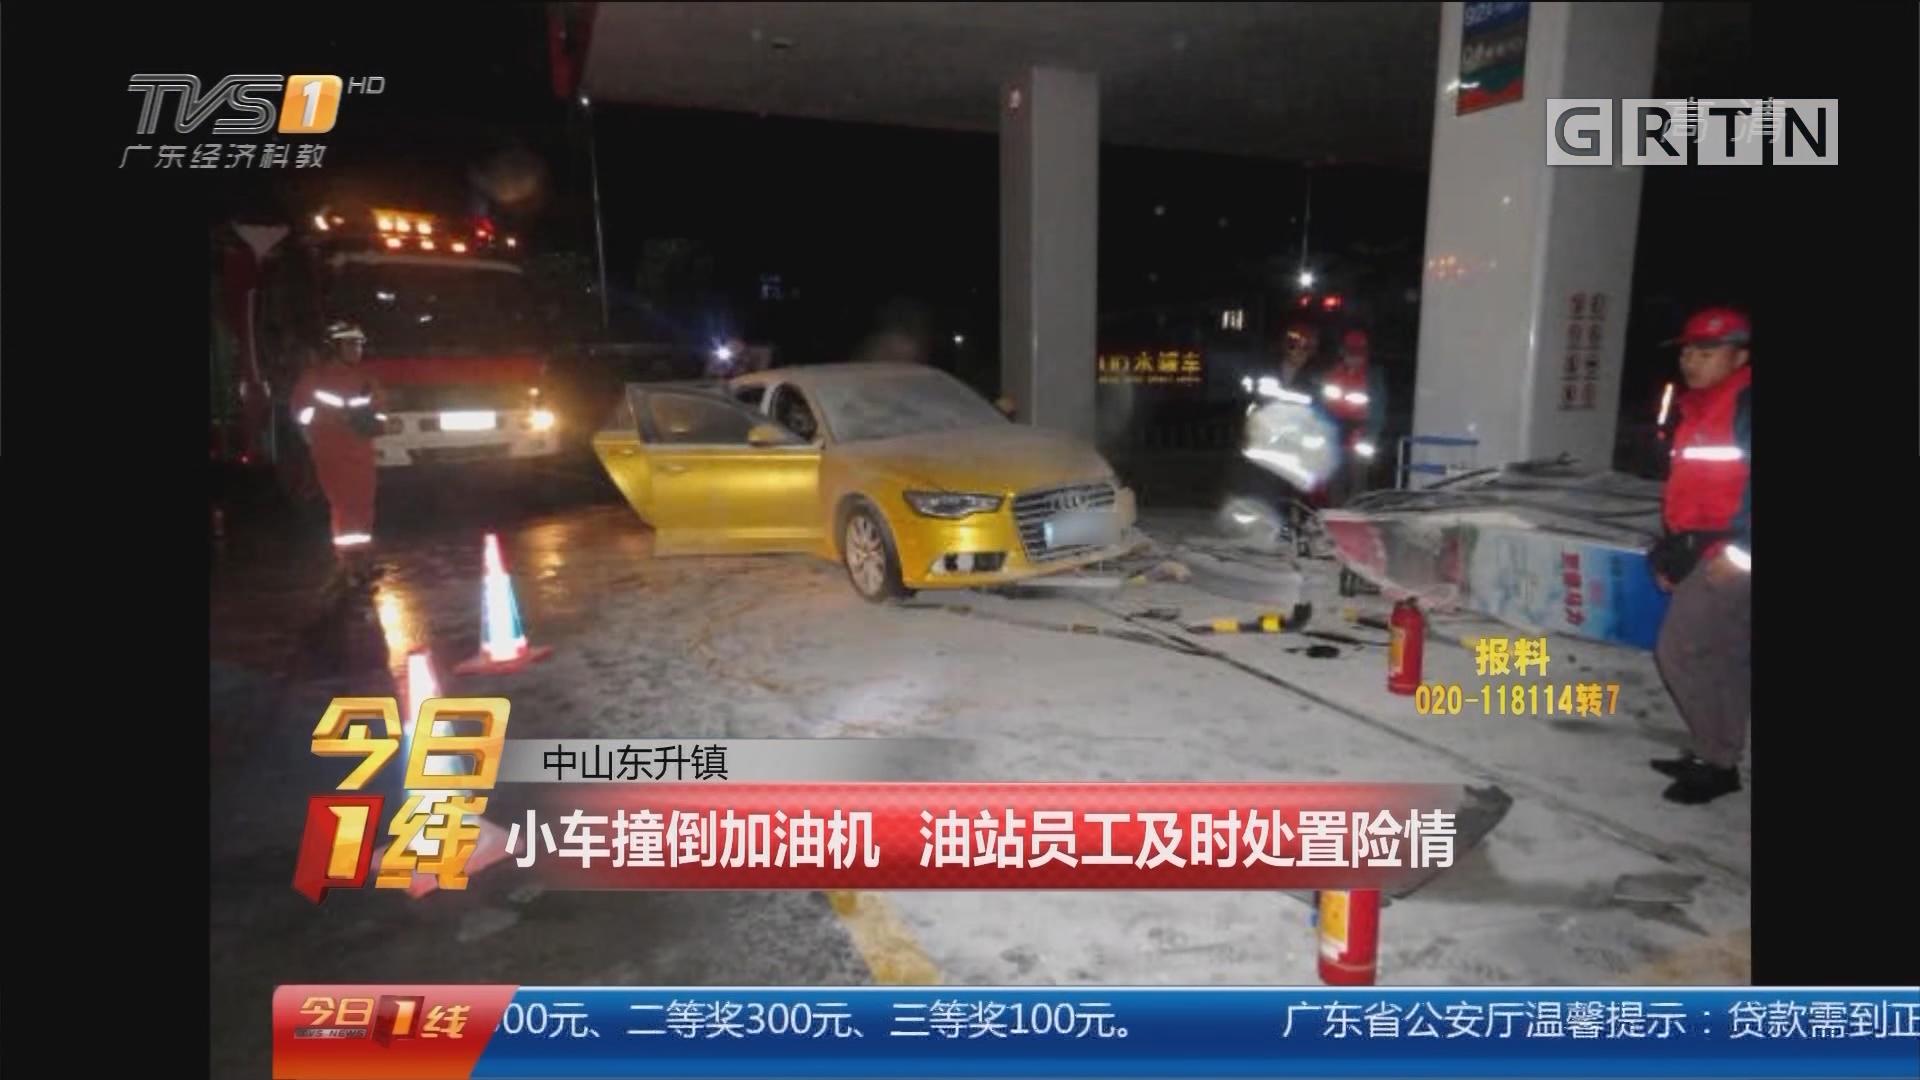 中山东升镇:小车撞倒加油机 油站员工及时处置险情